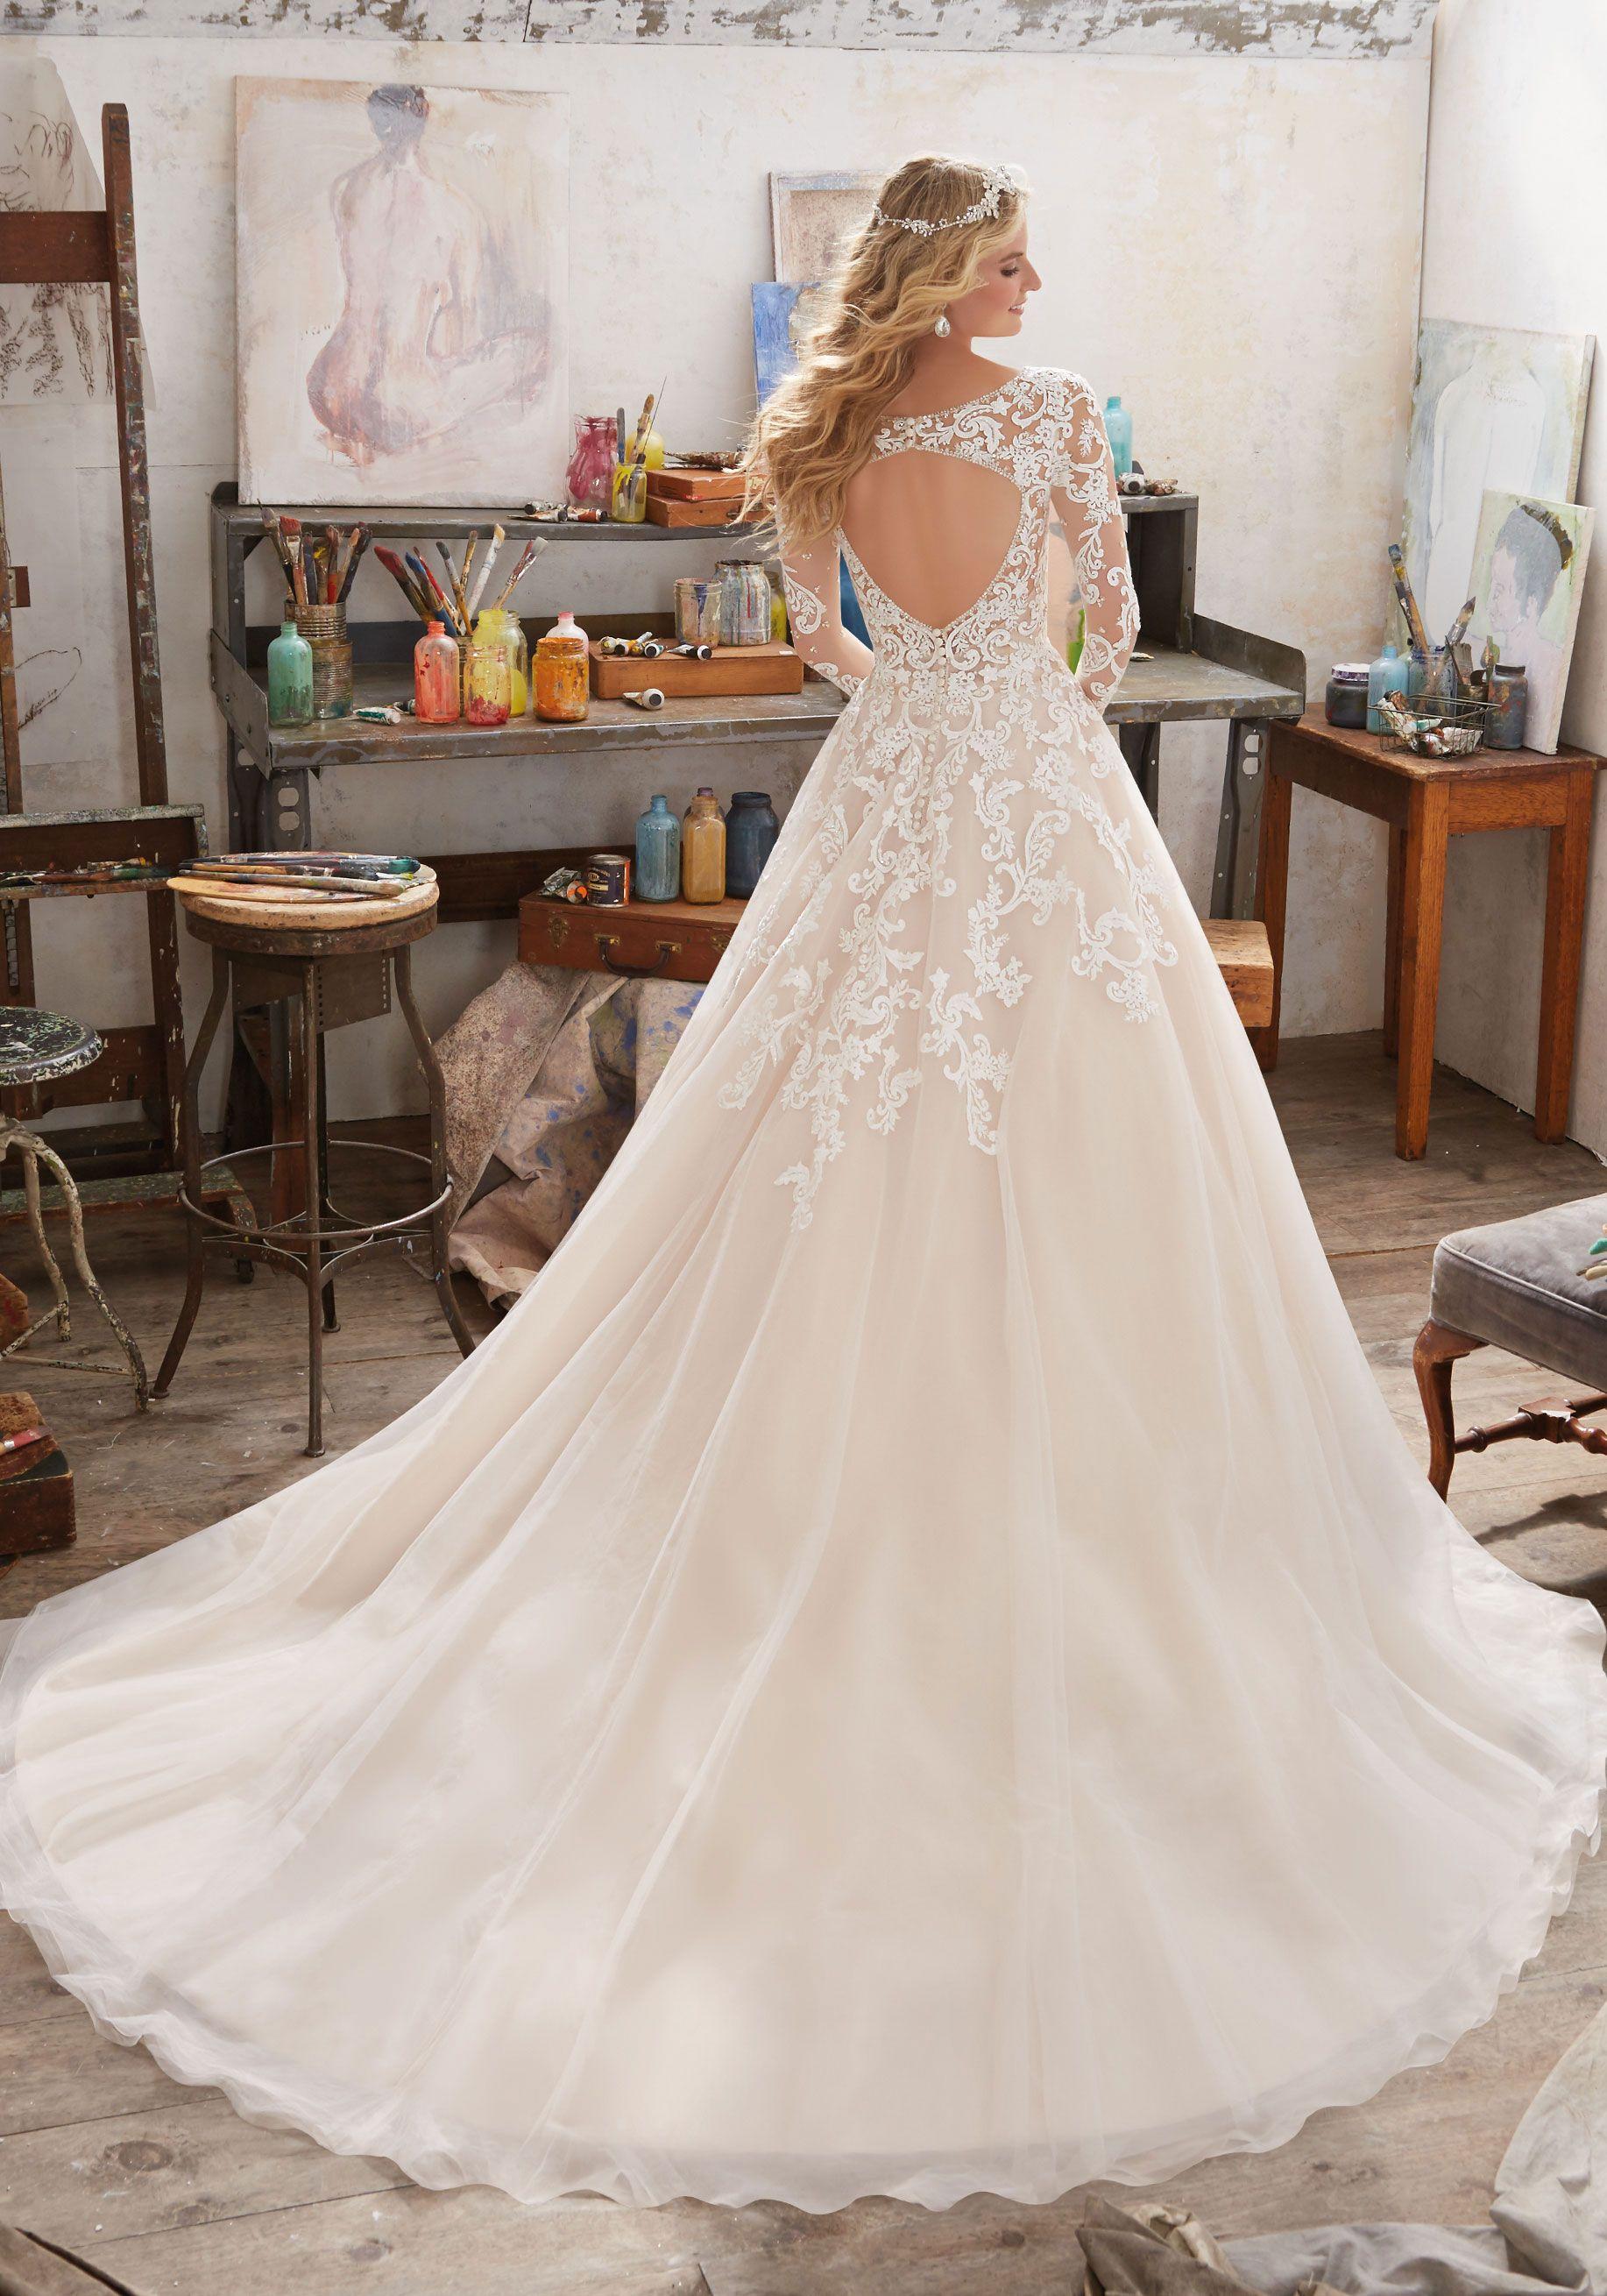 Maira Wedding Dress Morilee Mori Lee Wedding Dress Wedding Dresses Ball Gown Wedding Dress [ 2620 x 1834 Pixel ]